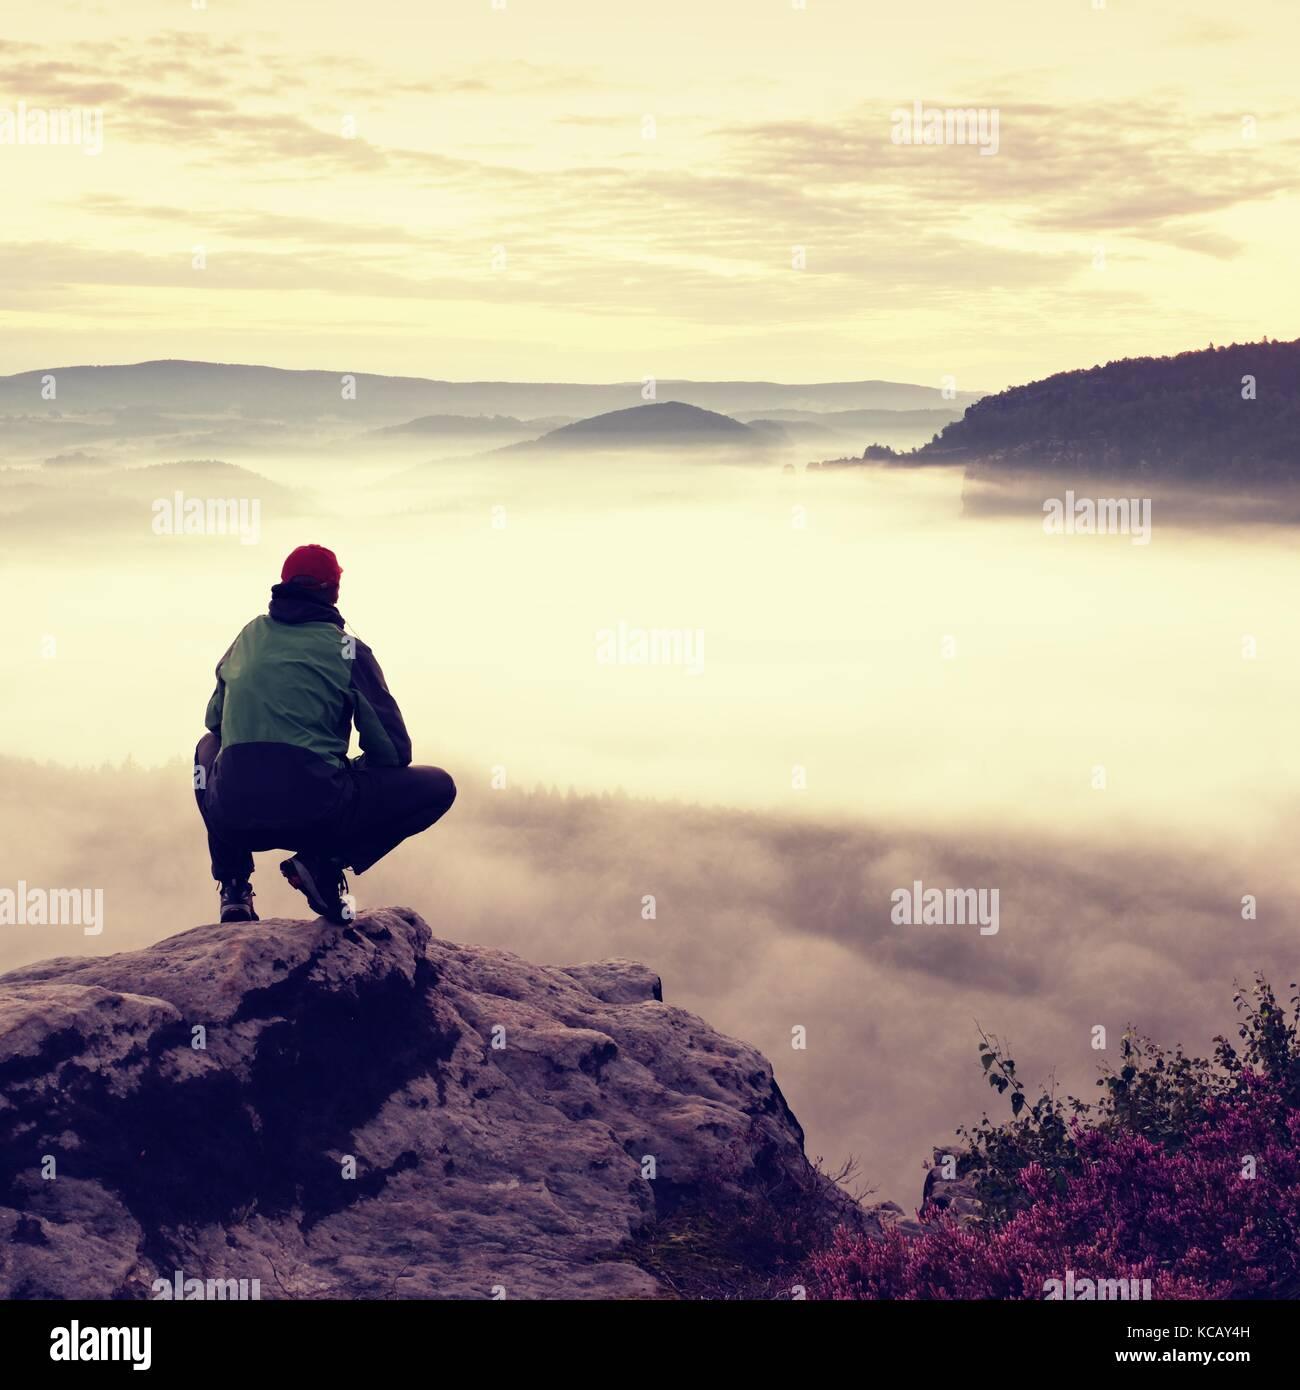 Touriste à tête rouge et noir vert en position accroupie en vêtements sur un rocher, profiter de Photo Stock